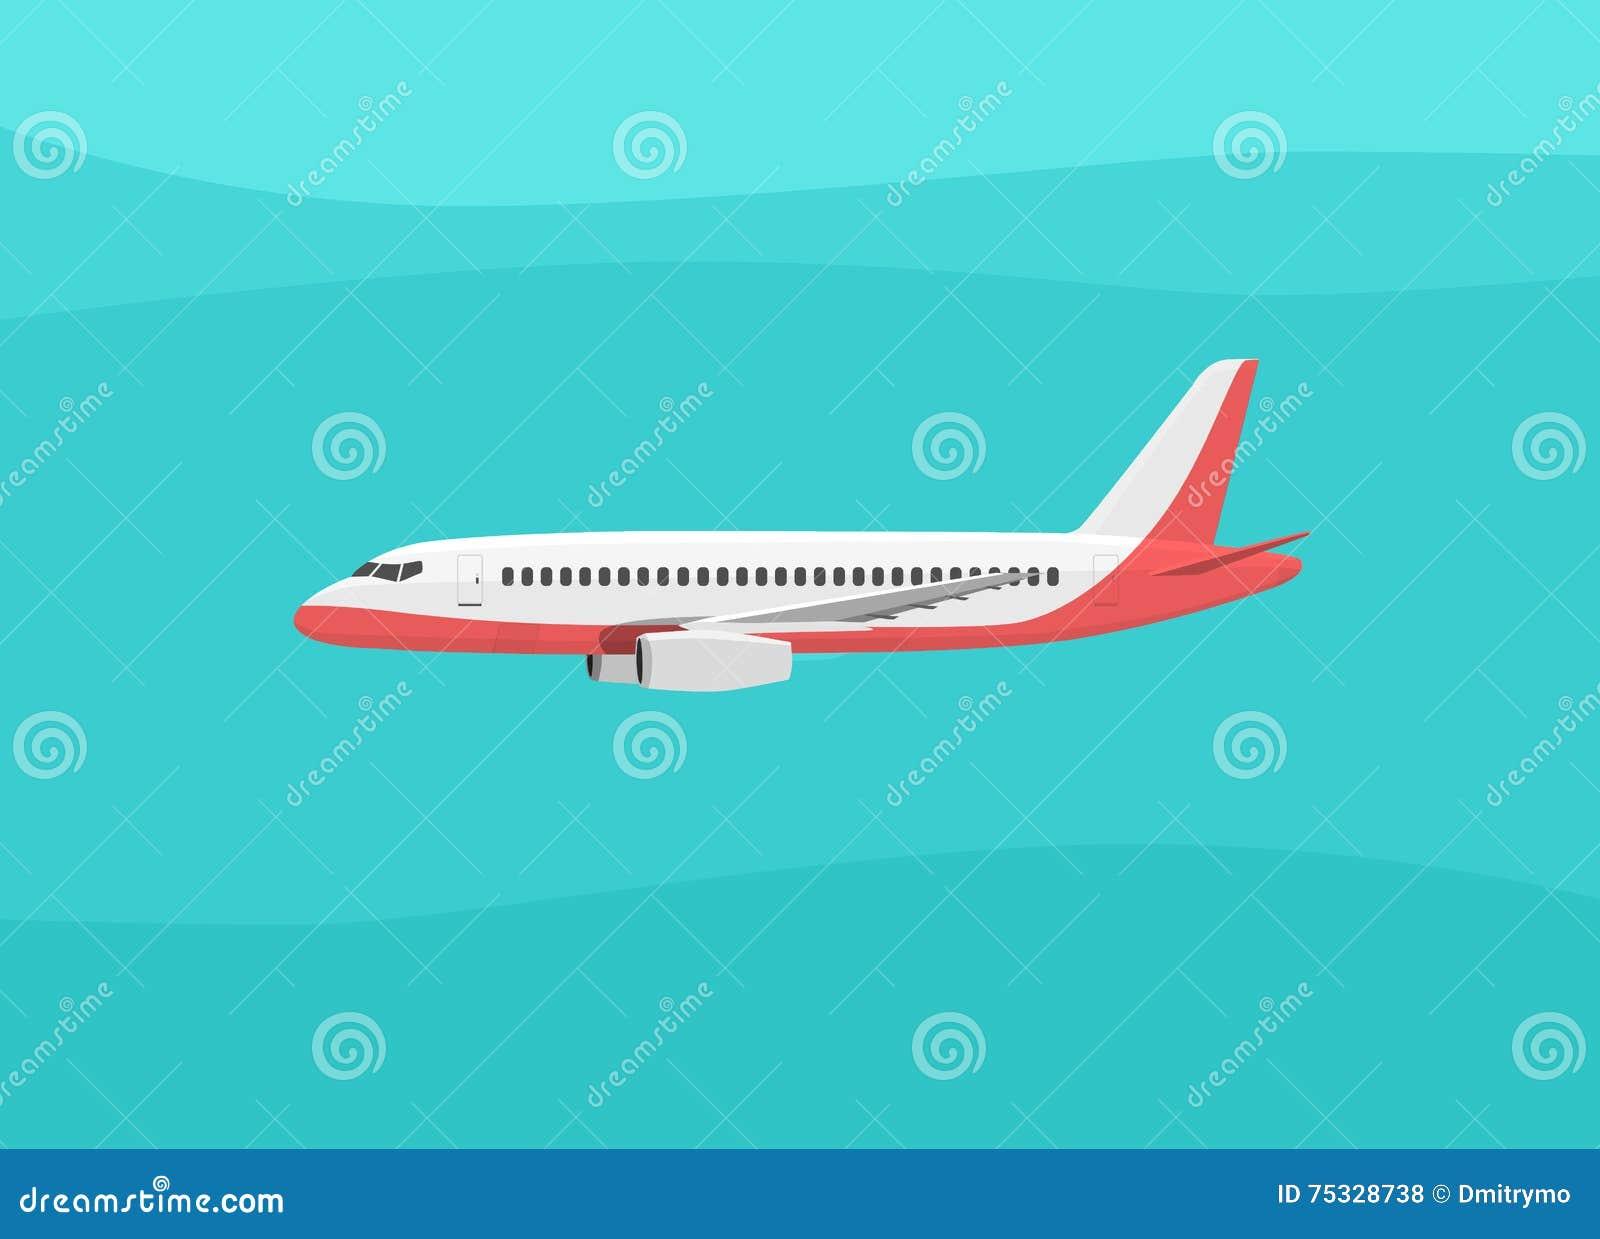 L 39 avion vole dans le ciel vue de c t illustration de - Avion en dessin ...